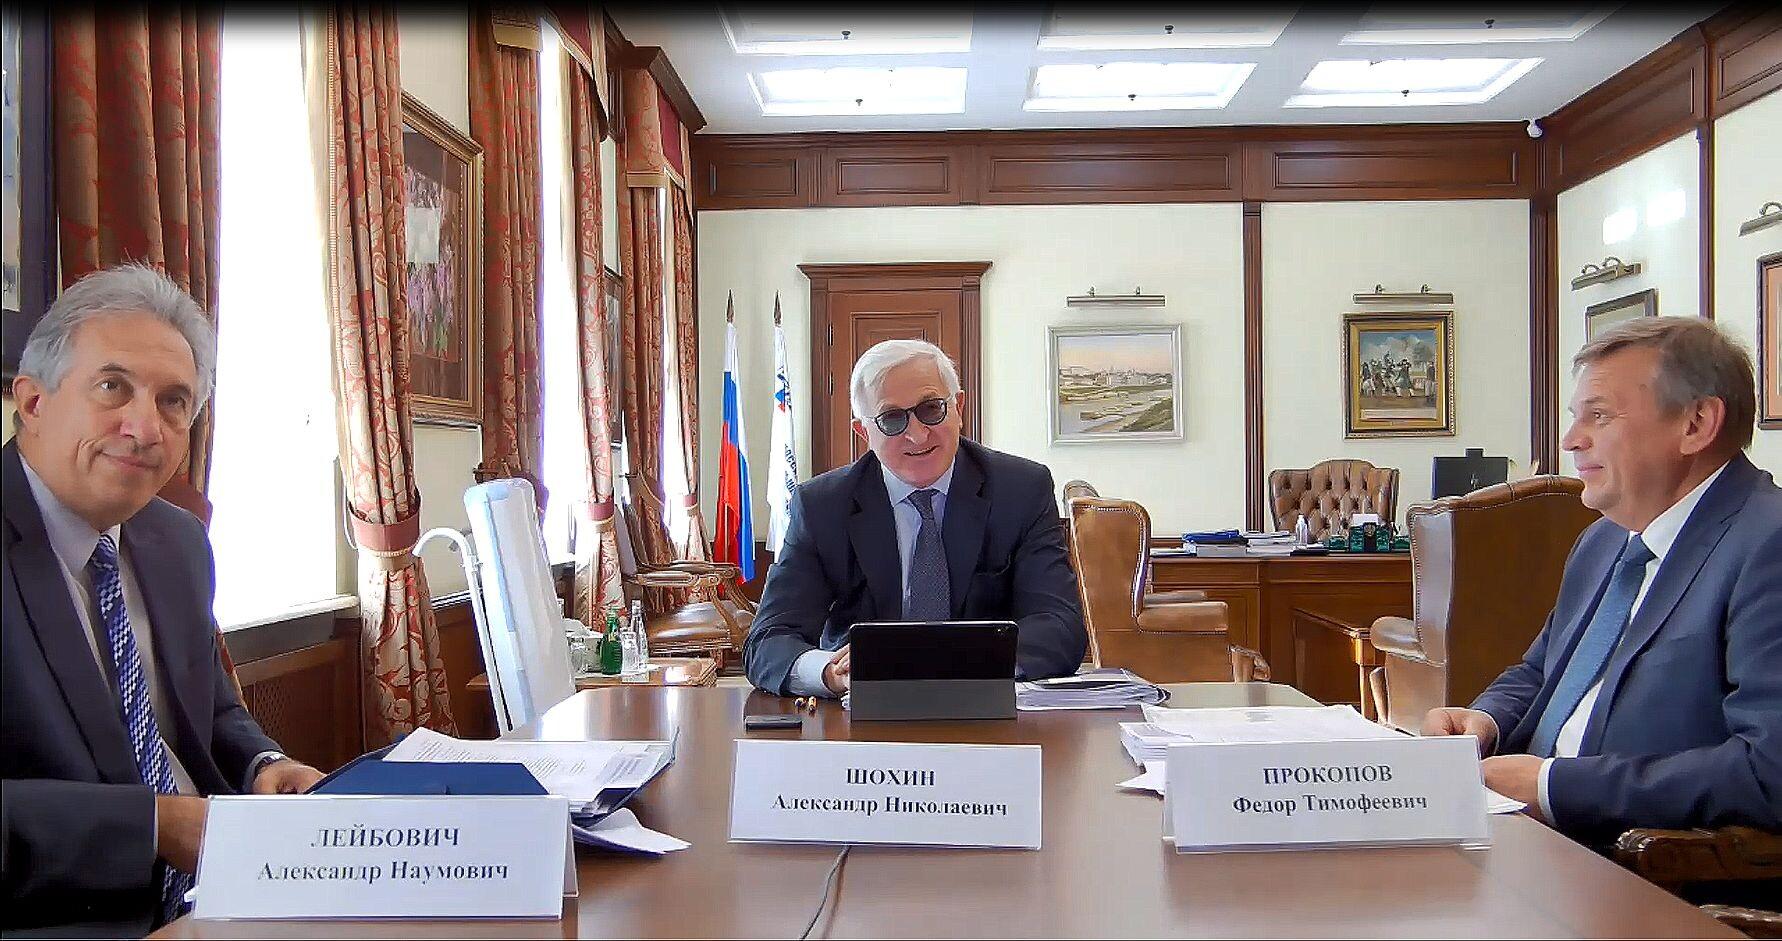 Состоялось 47 заседание Национального совета при Президенте Российской Федерации по профессиональным квалификациям